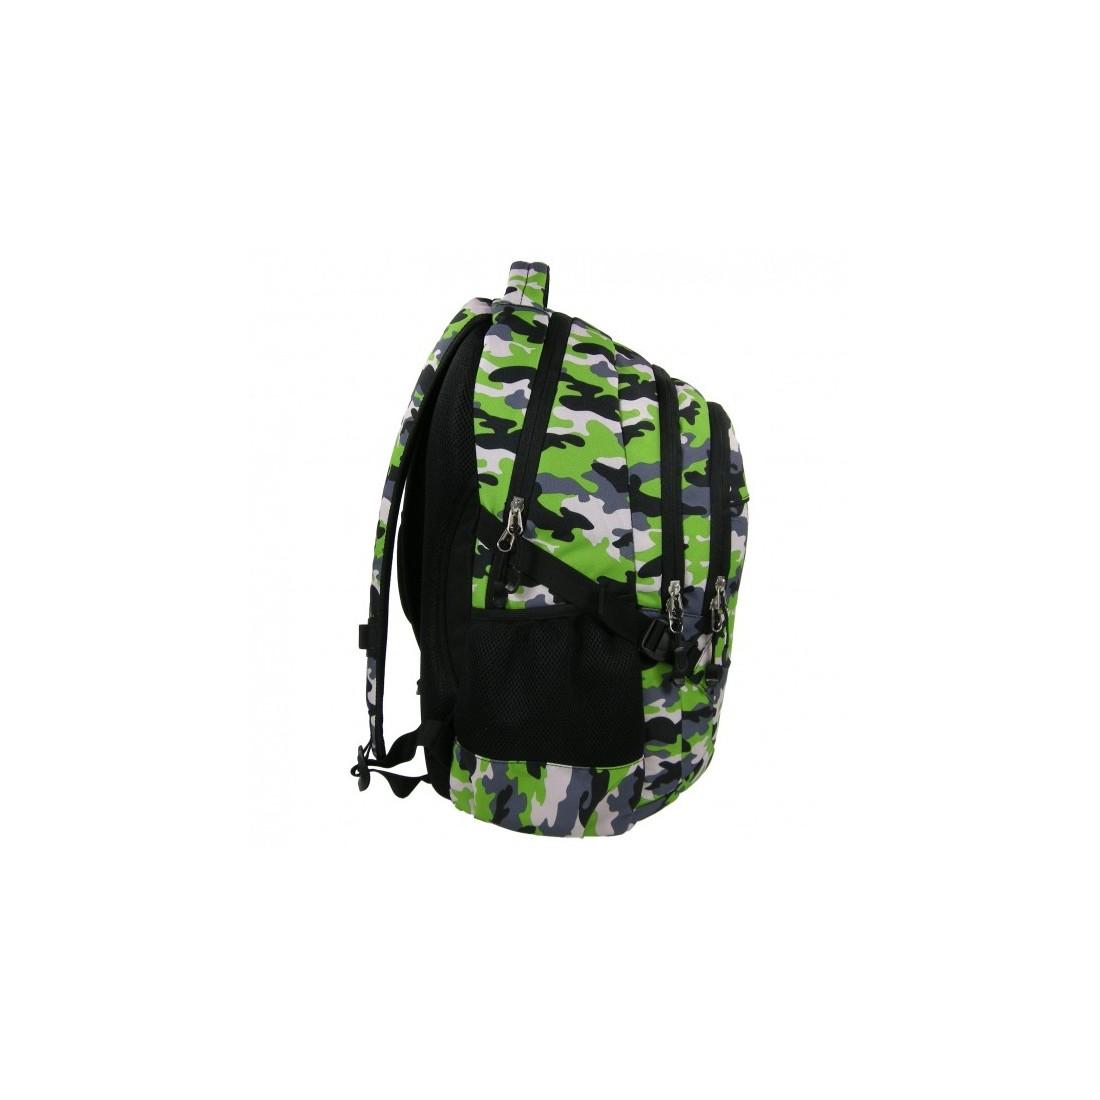 Plecak młodzieżowy zielony w moro - plecak-tornister.pl